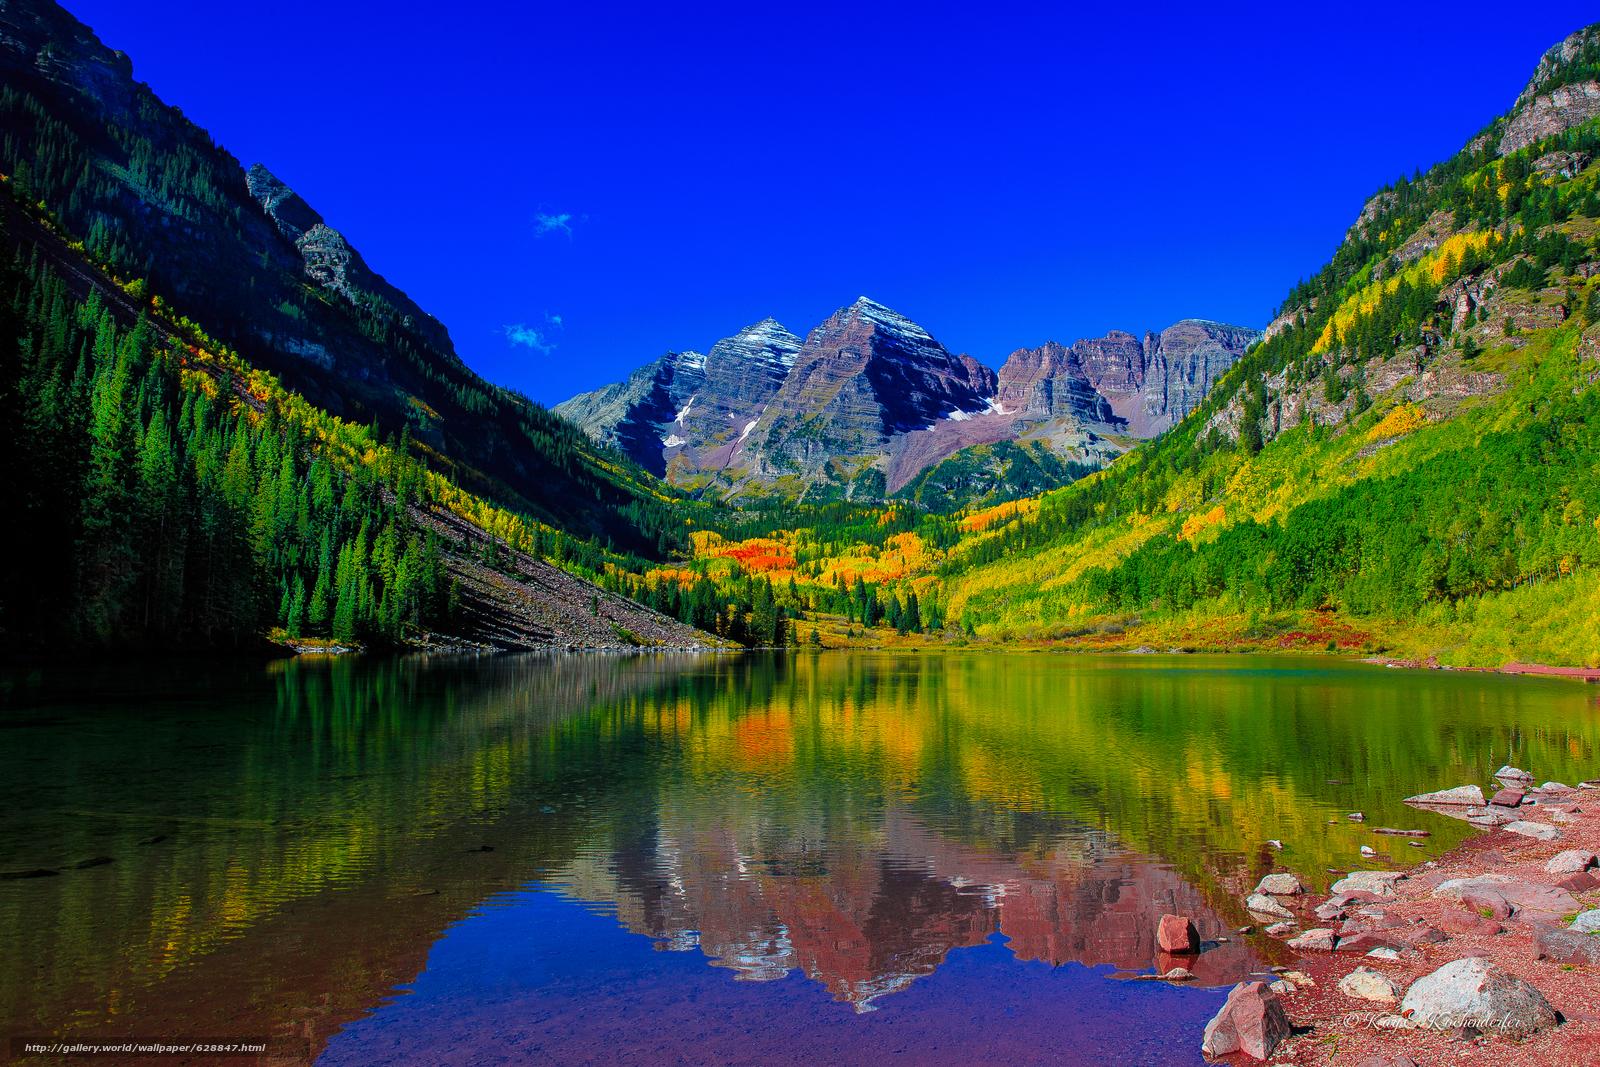 Maroon Bells, Colorado.озеро, горы, деревья, осень, пейзаж